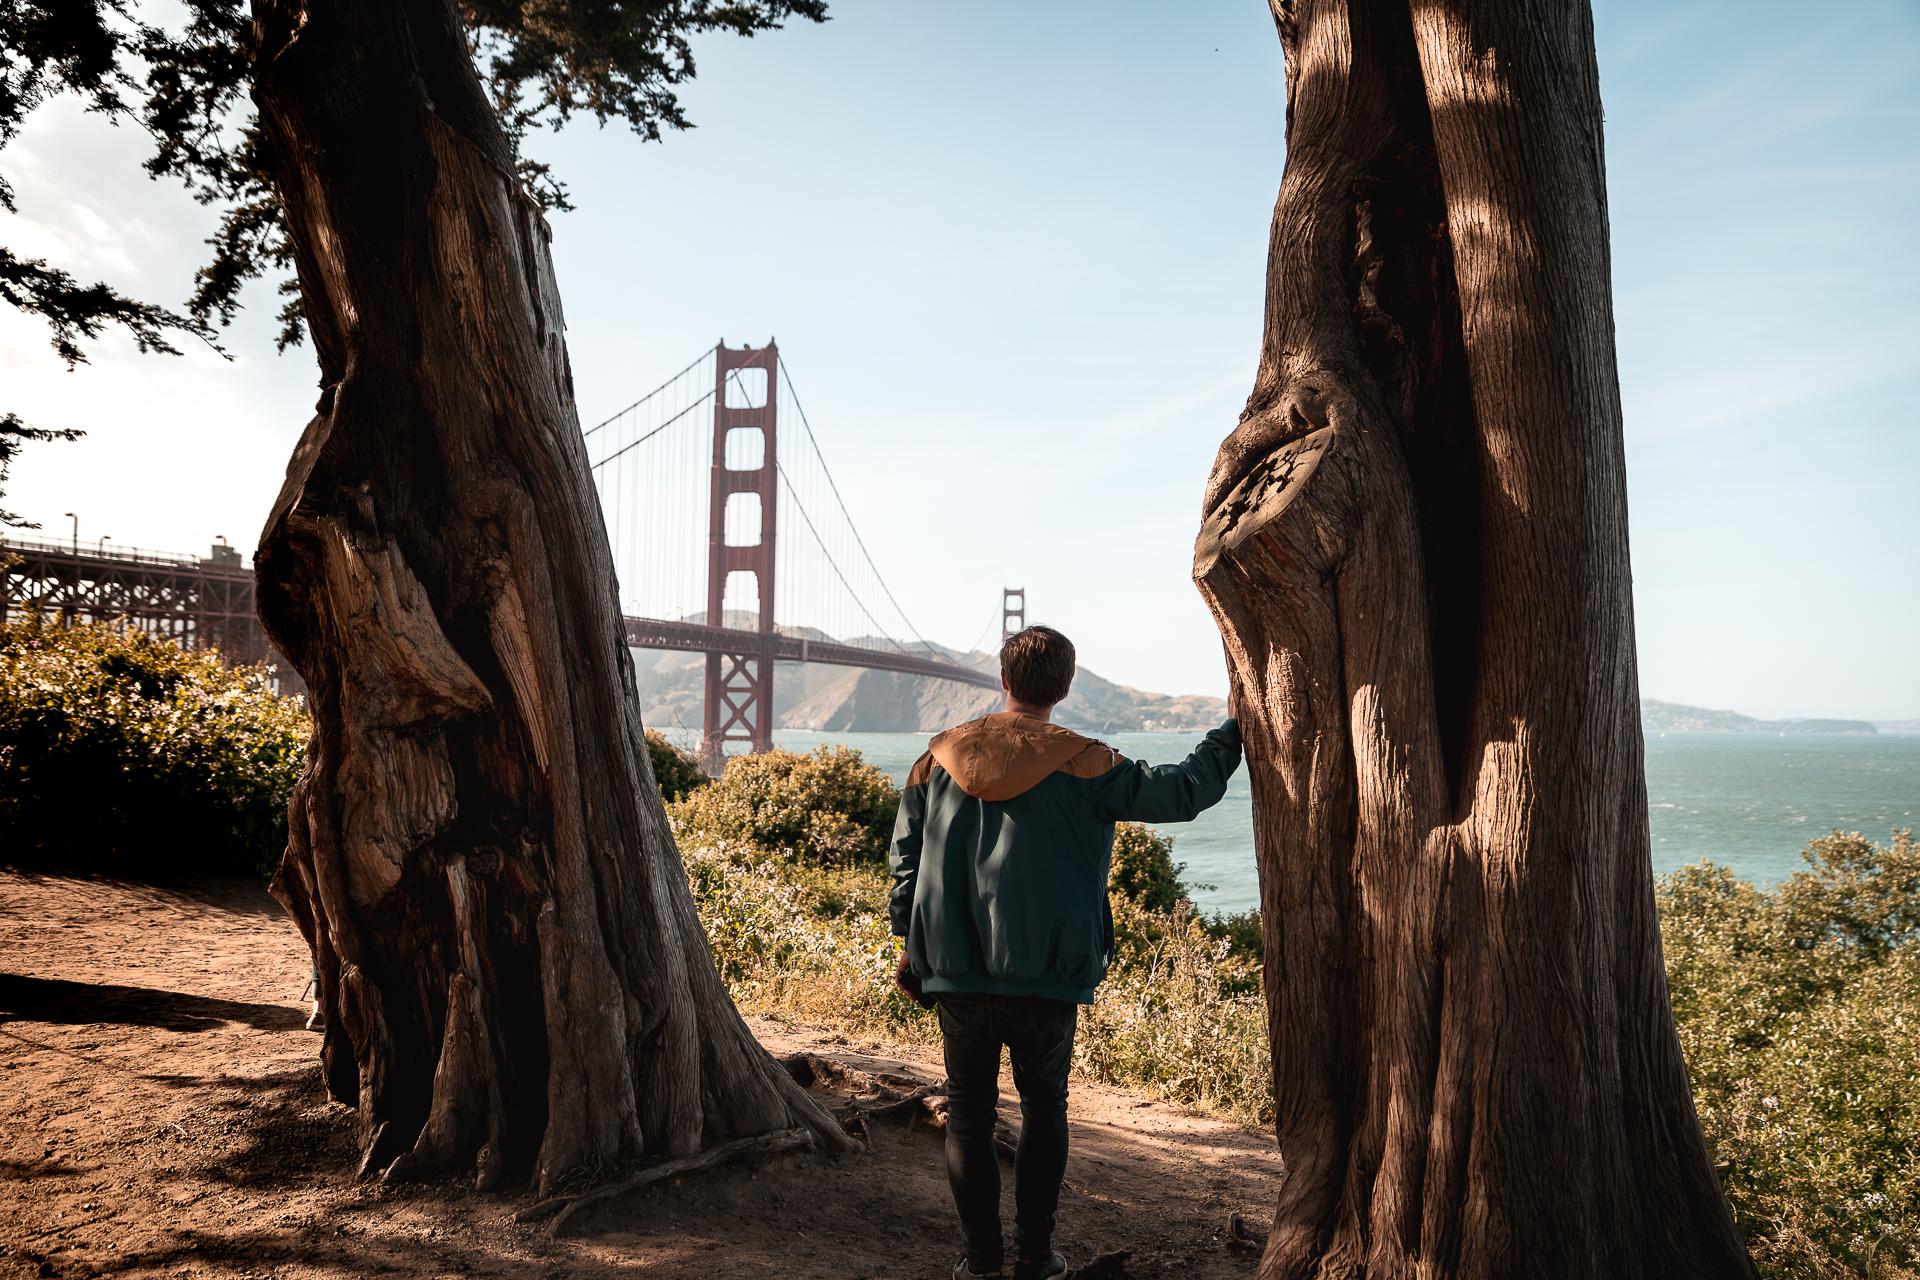 Tipps für bessere Reisefotos Reisefotografie San Francisco Golden Gate Bridge Fotospot Fotolocation Reisefotografie